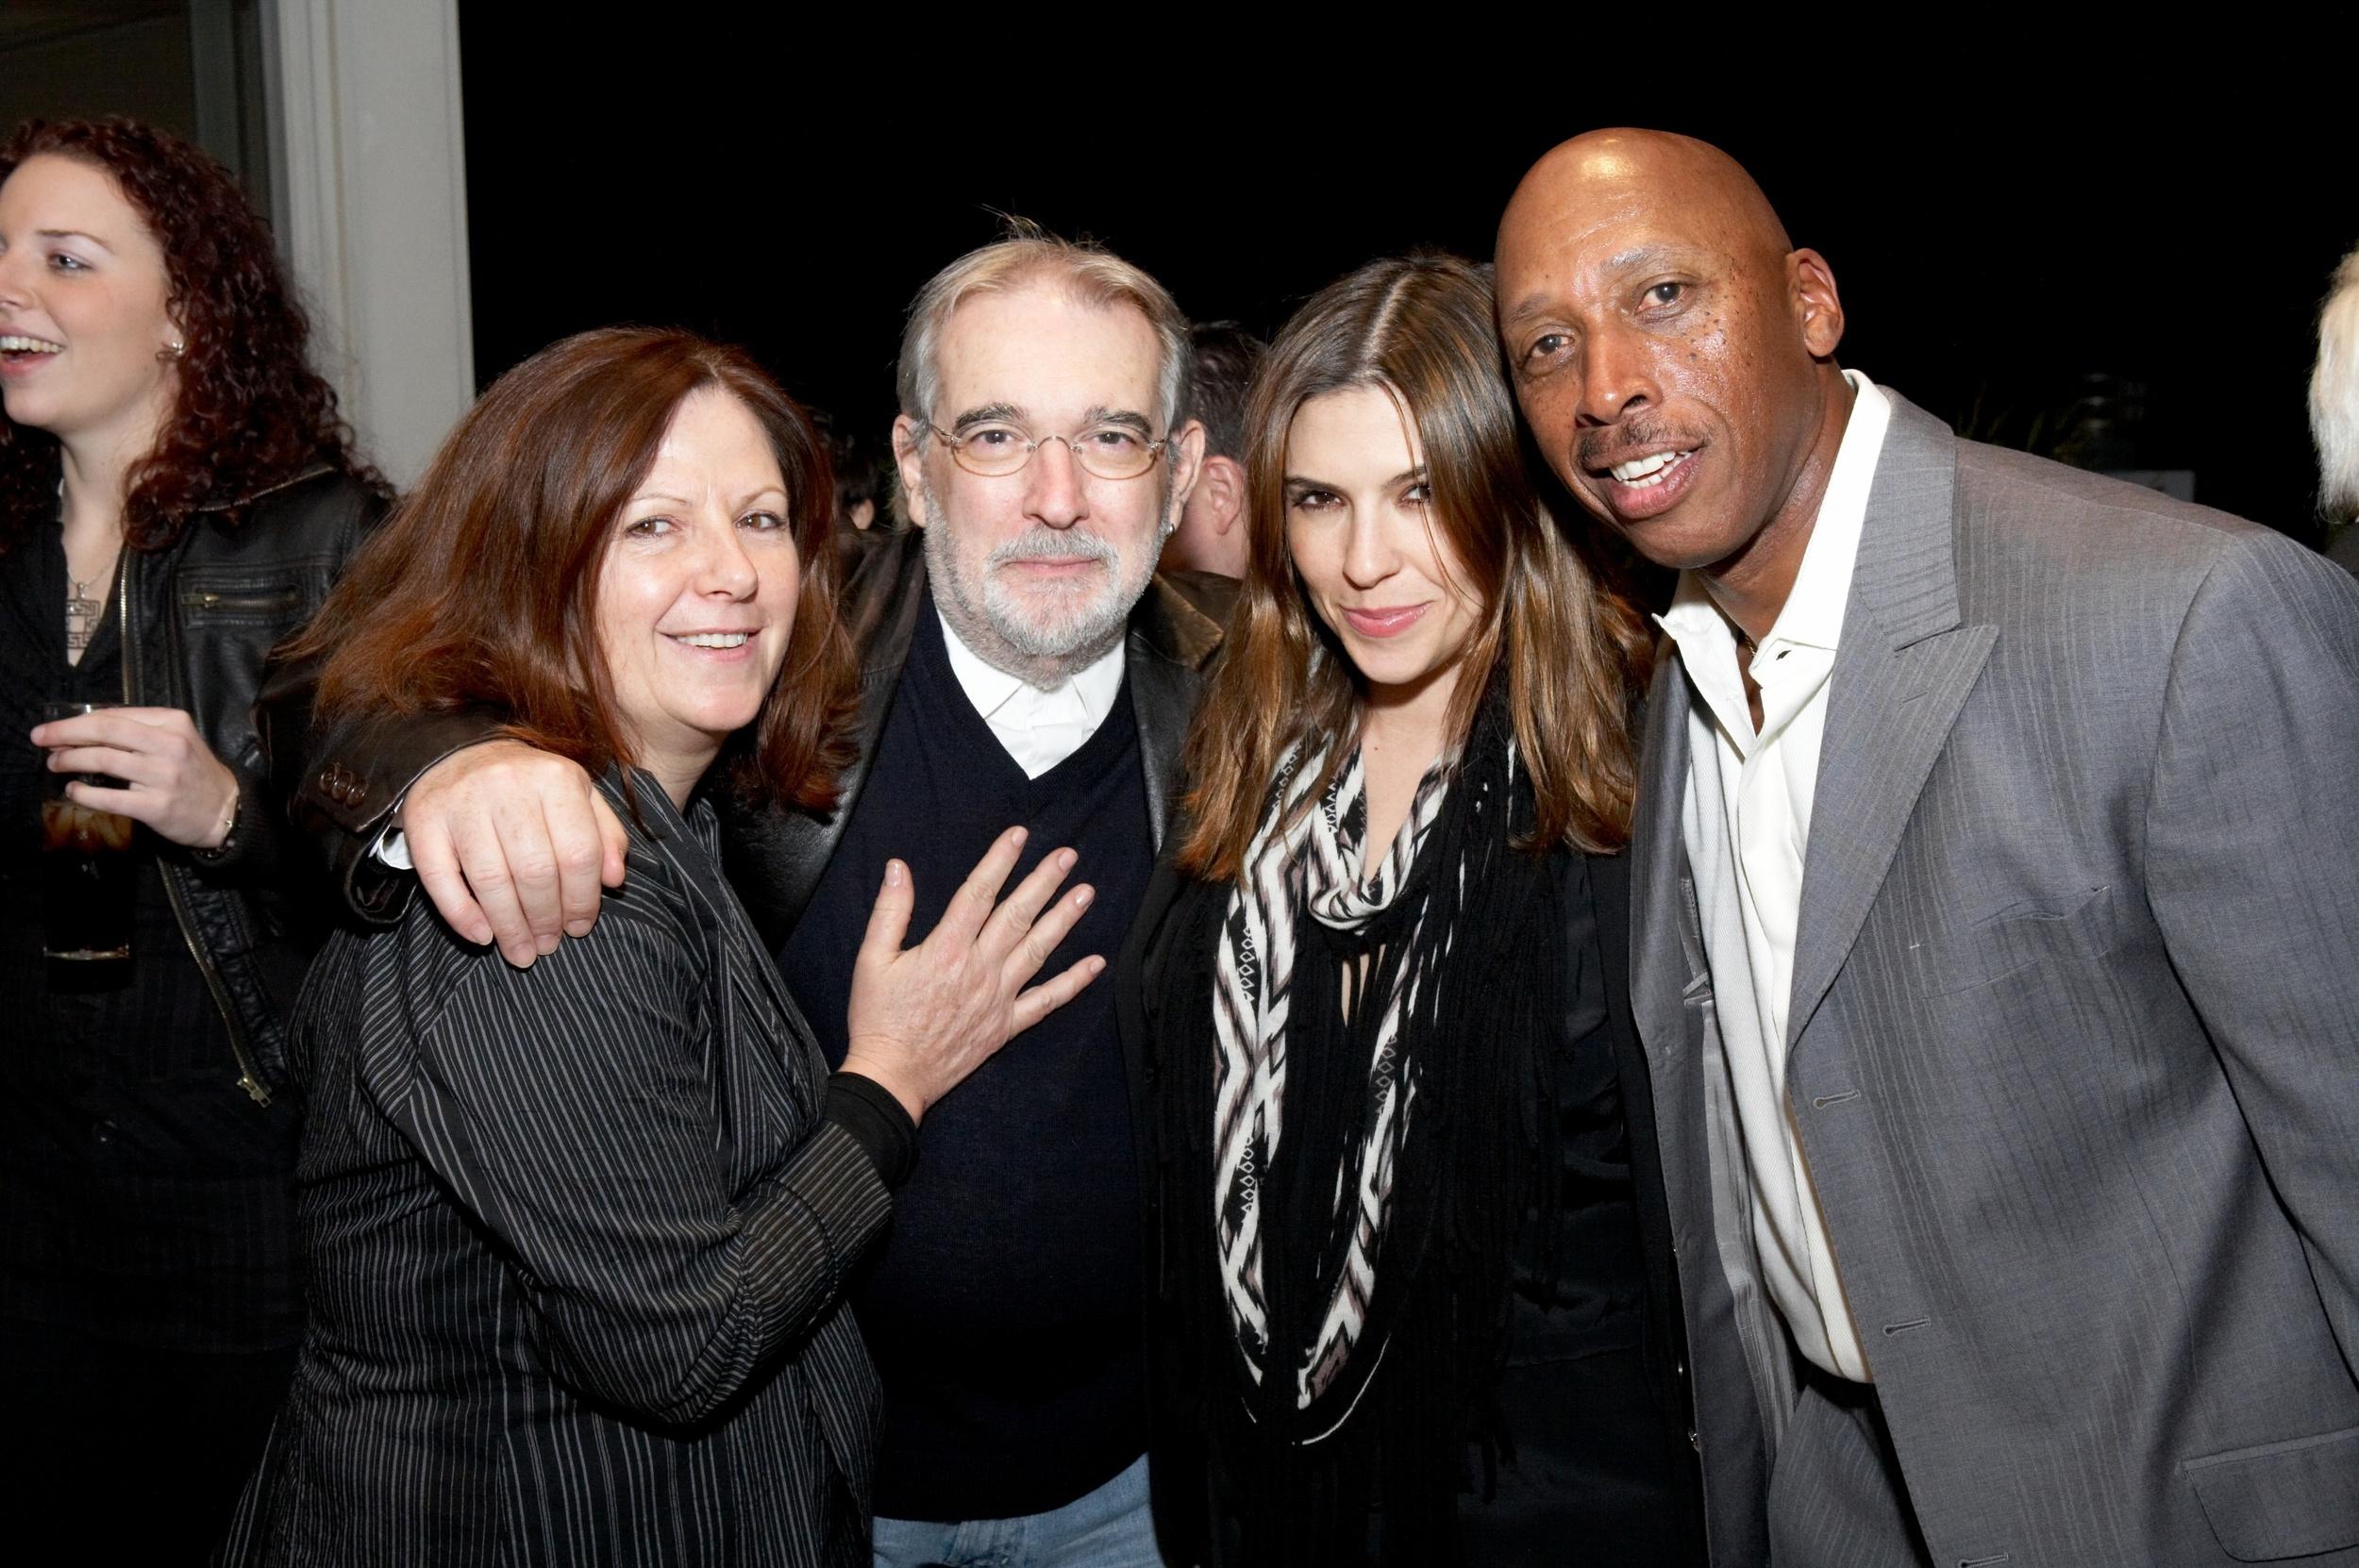 Diane, Veronique, & Jeffrey at Sammy's Grammy Party